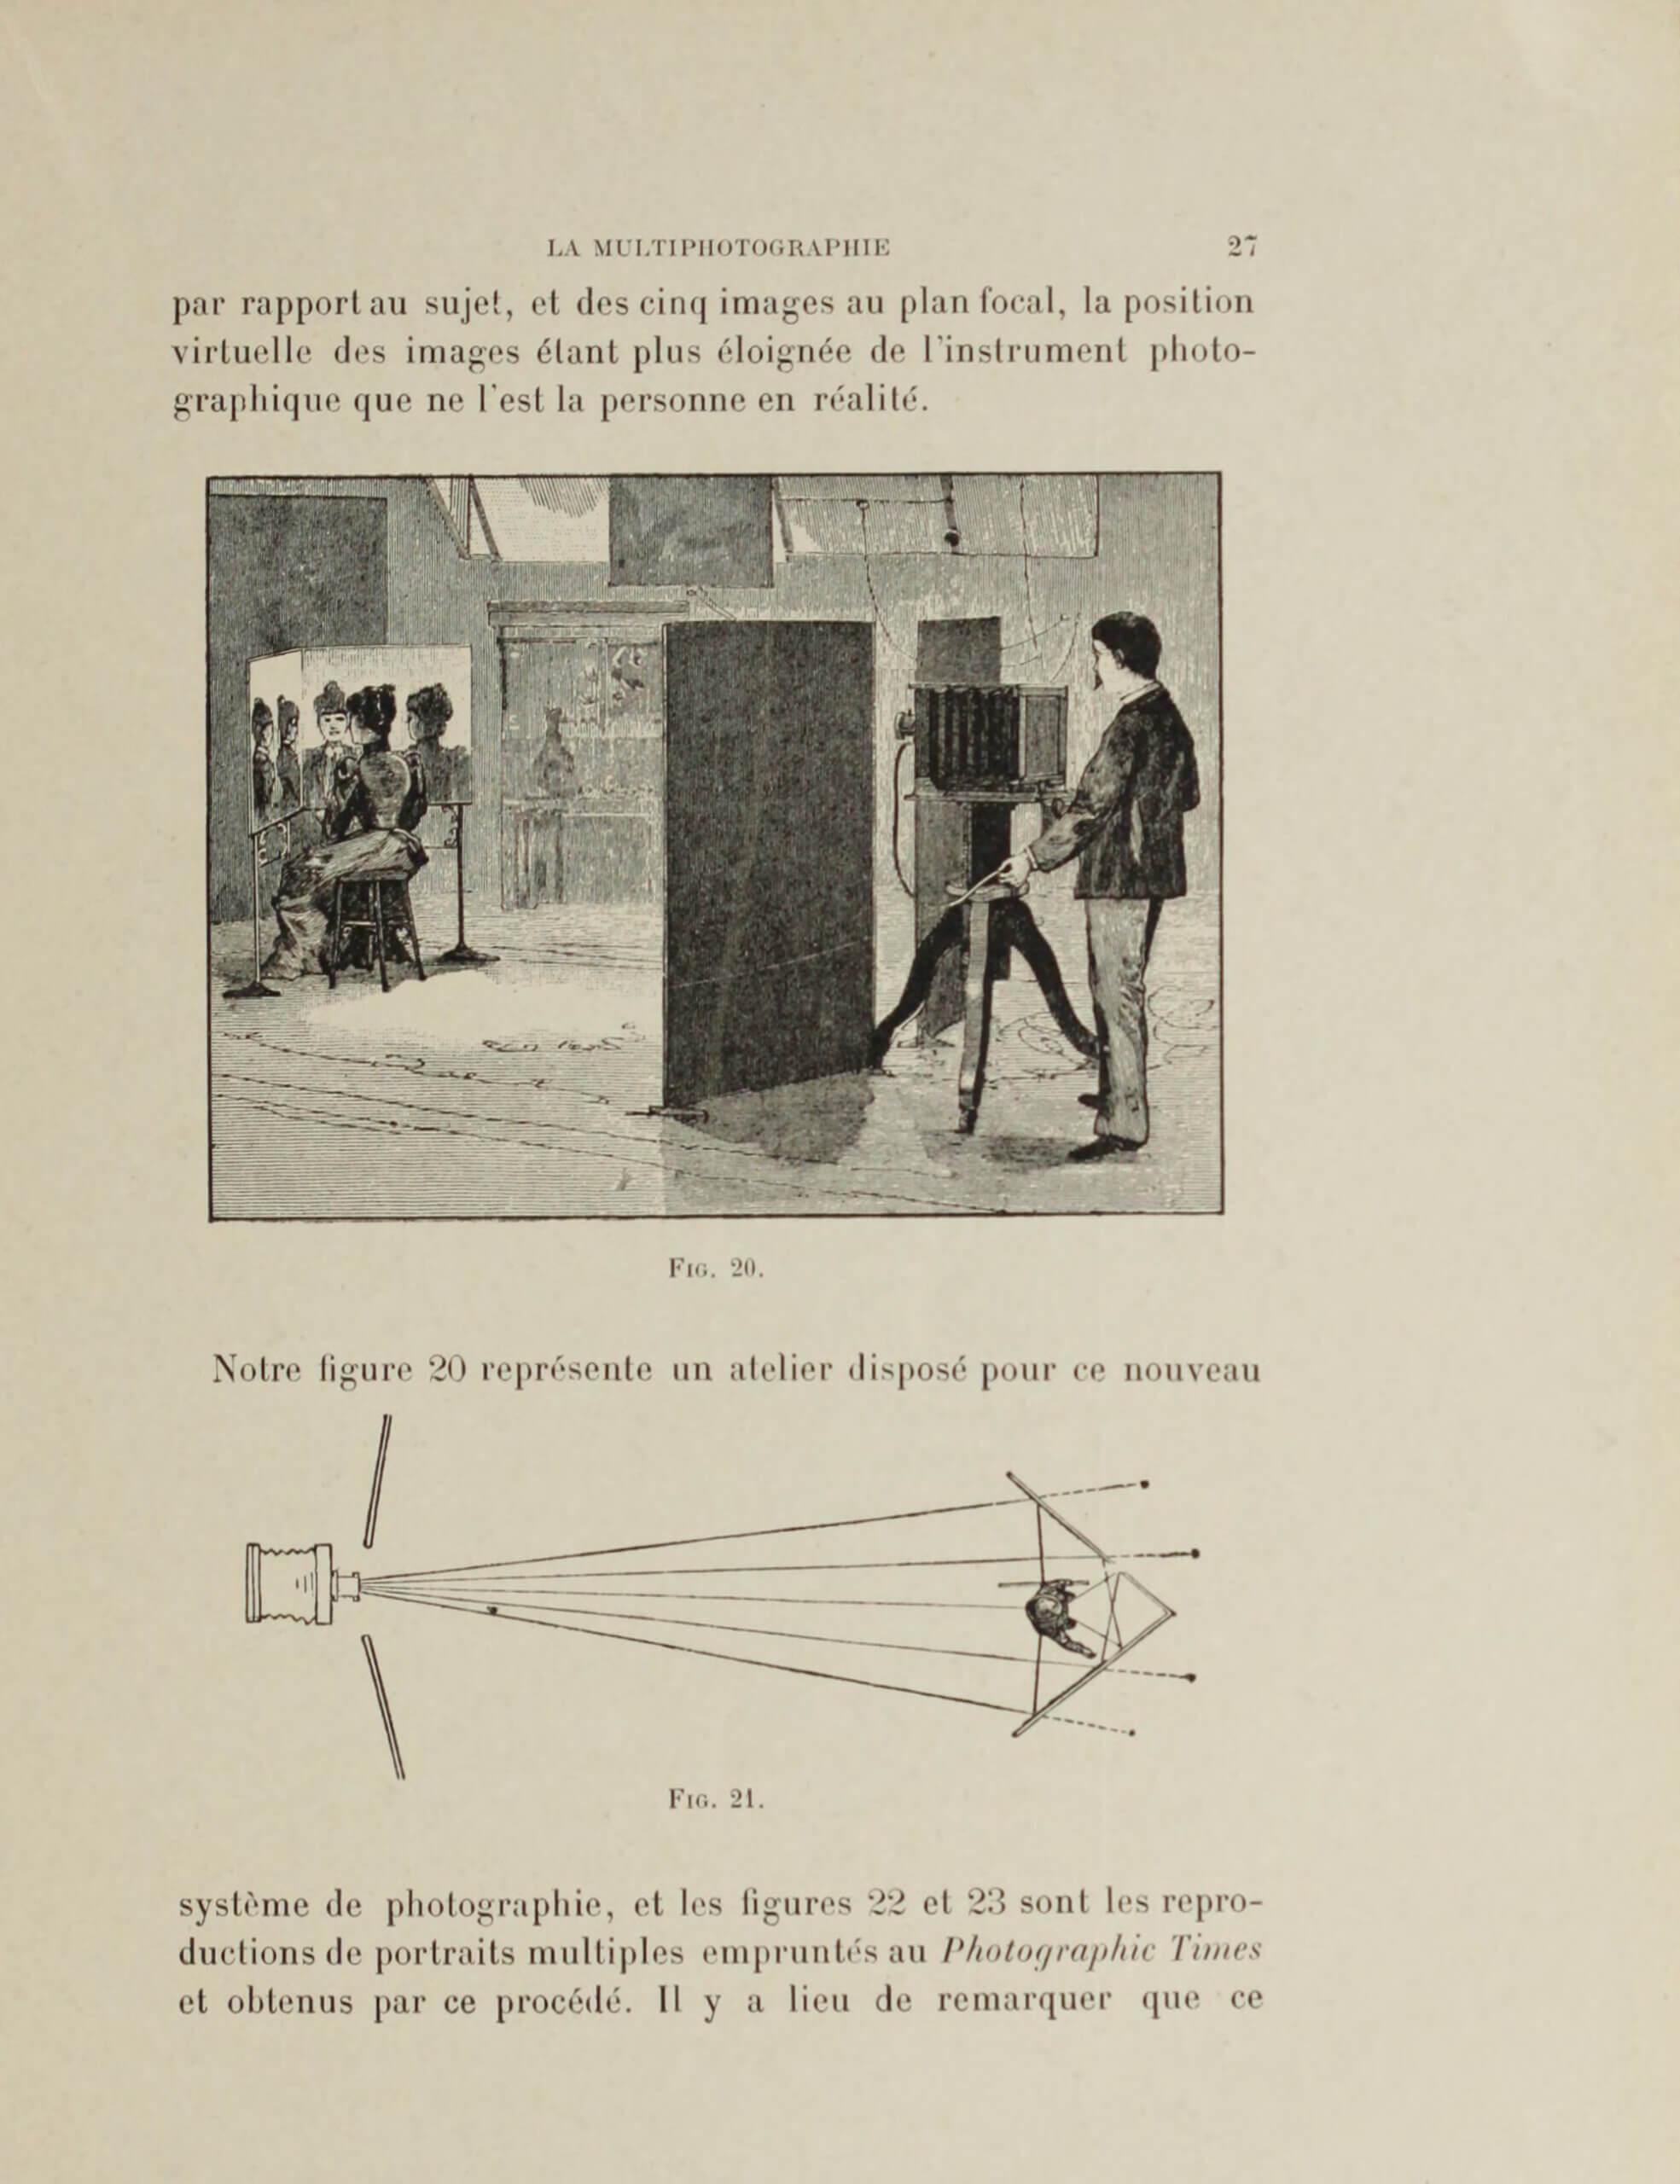 César Chaplot, « La multiphotographie », <em>La Photographie récréative et fantaisiste – recueil de divertissements, trucs, passe-temps photographiques</em>, Paris, Charles Mendel, 1900, p. 27  (Getty Research Institute)